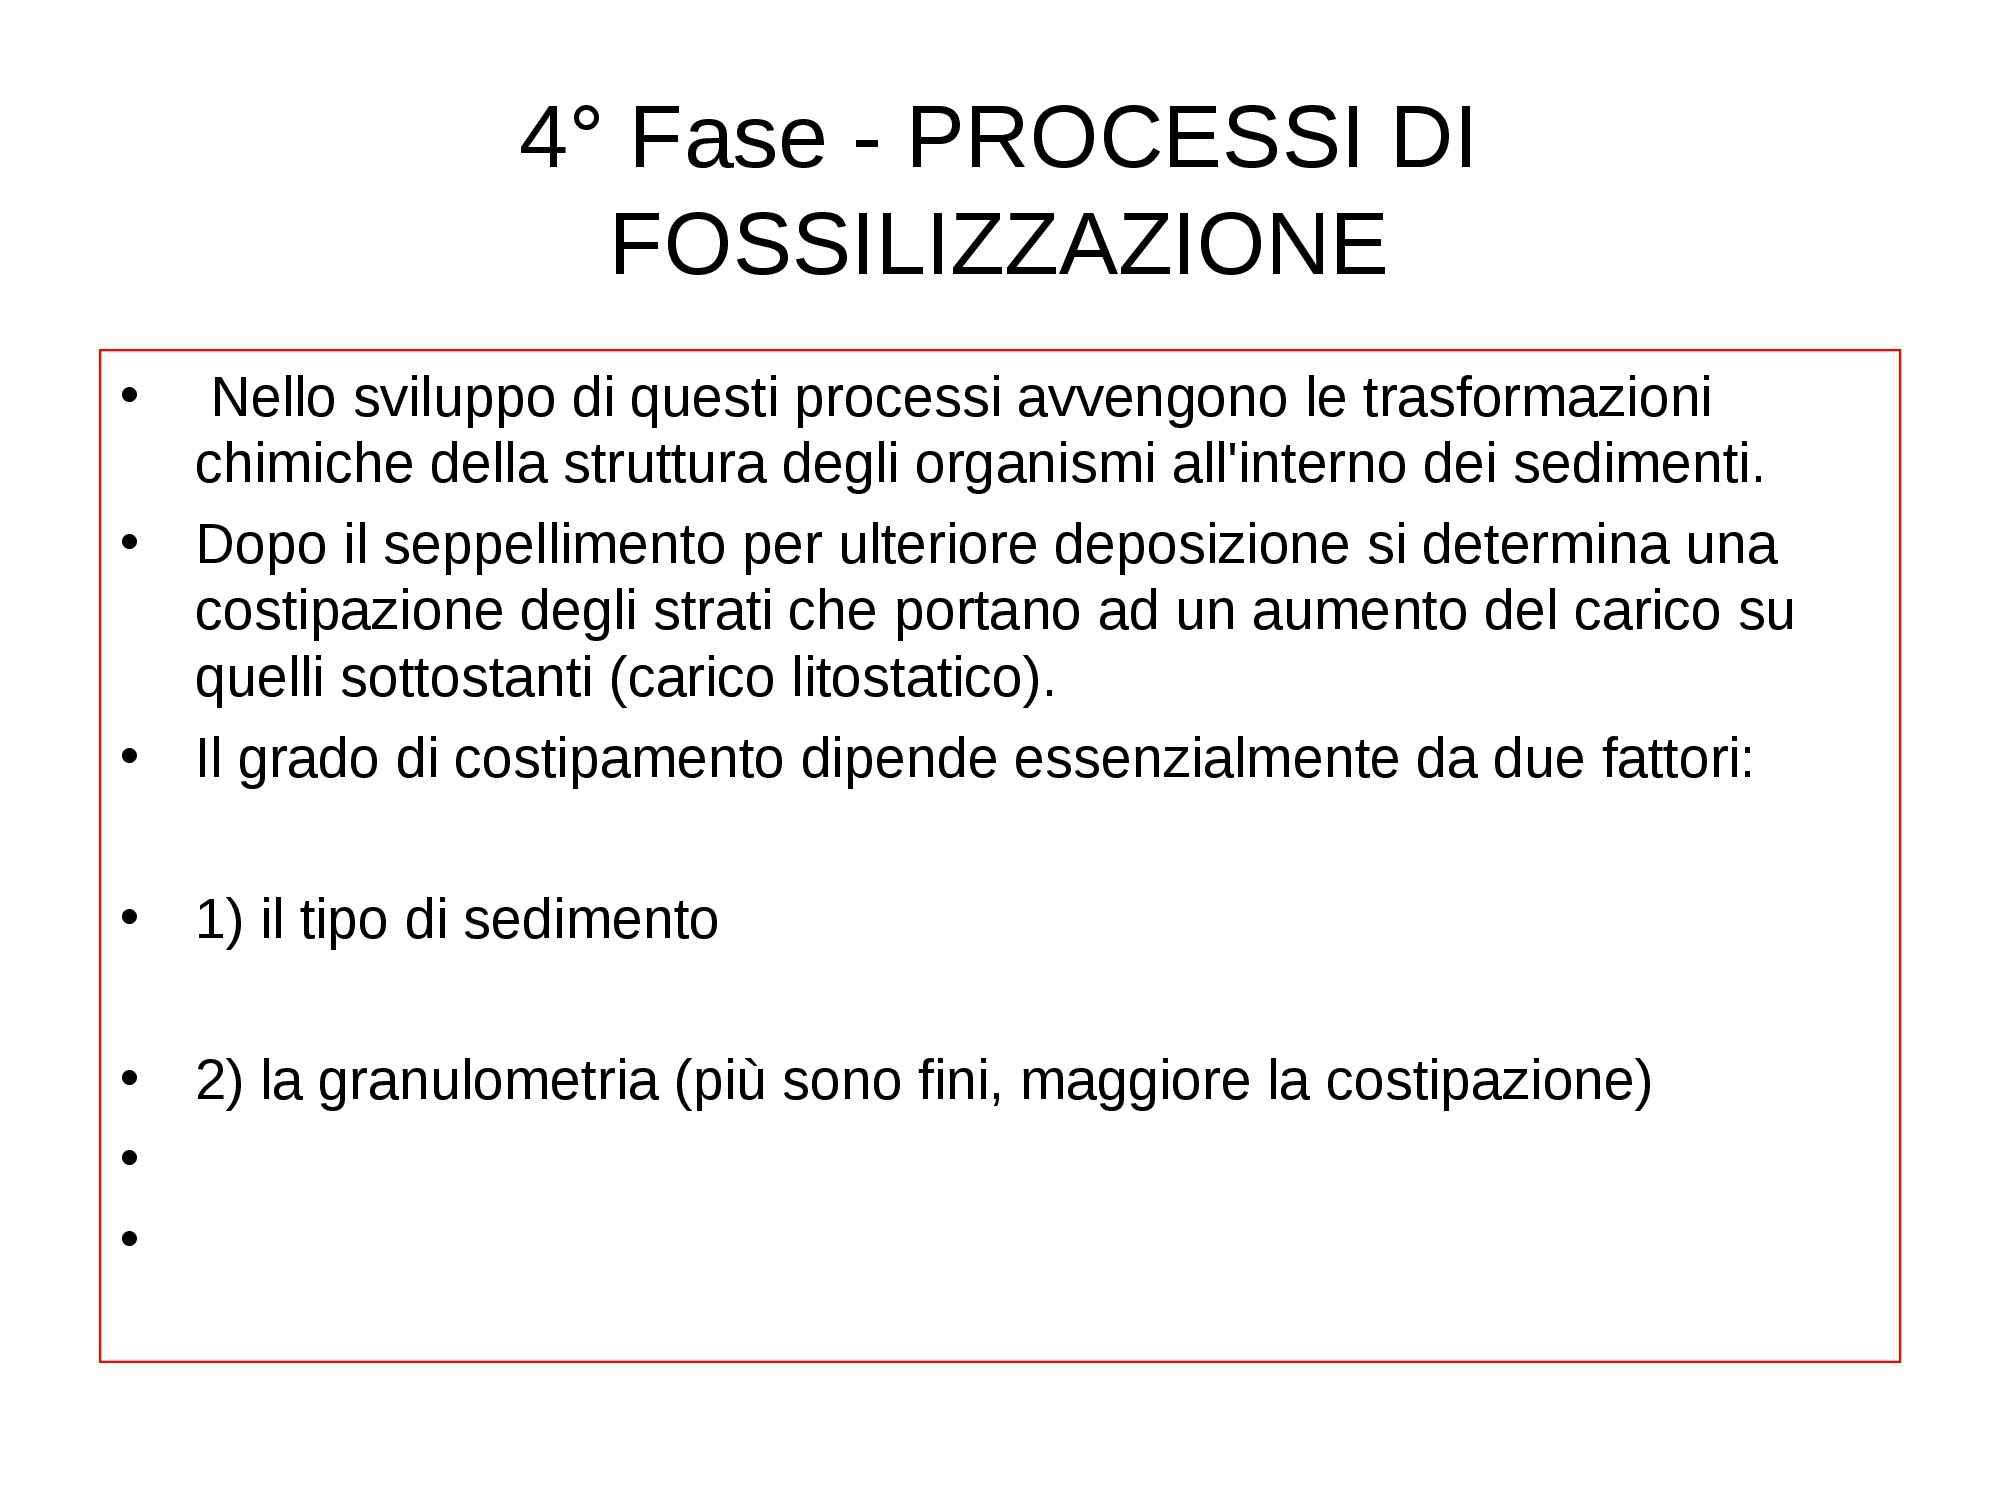 Fossili - Processi di fossilizzazione